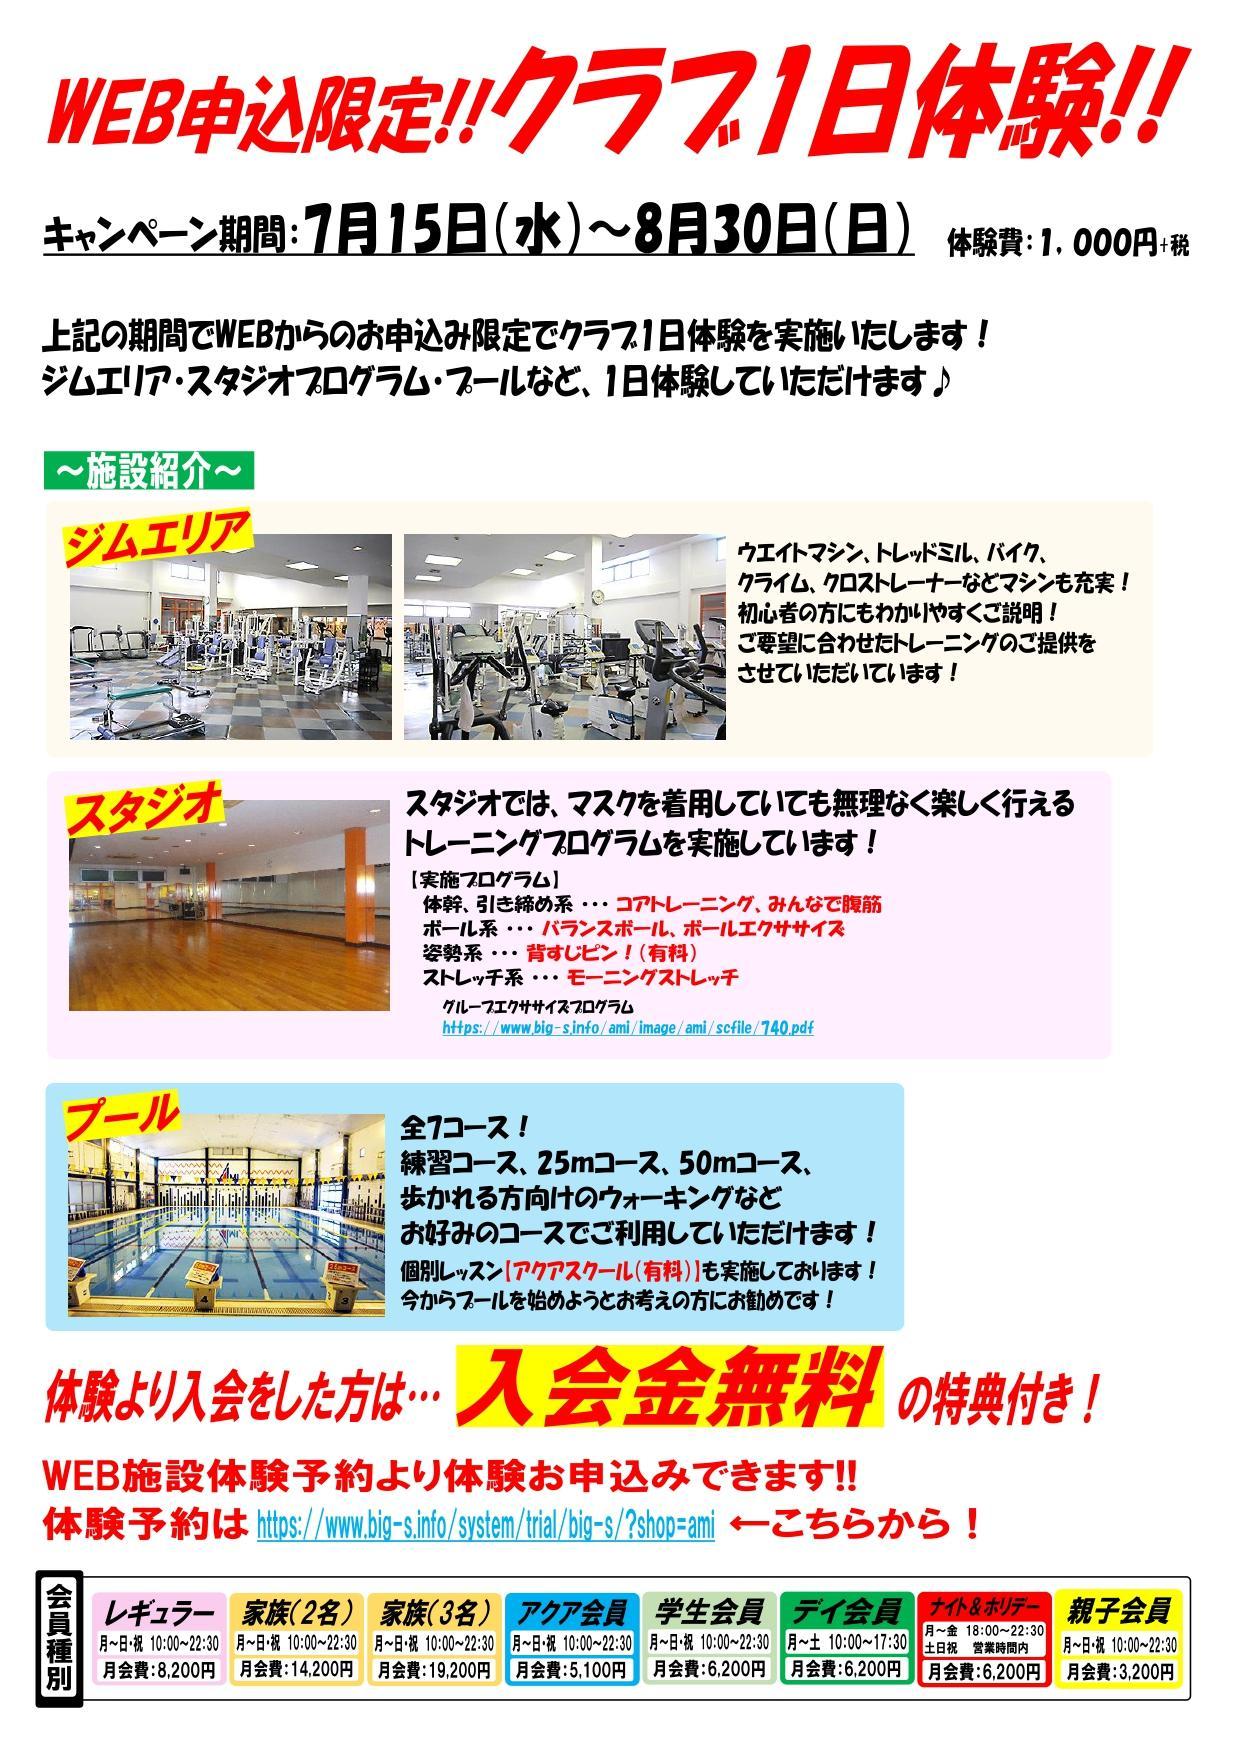 宮崎大学ウェブクラス